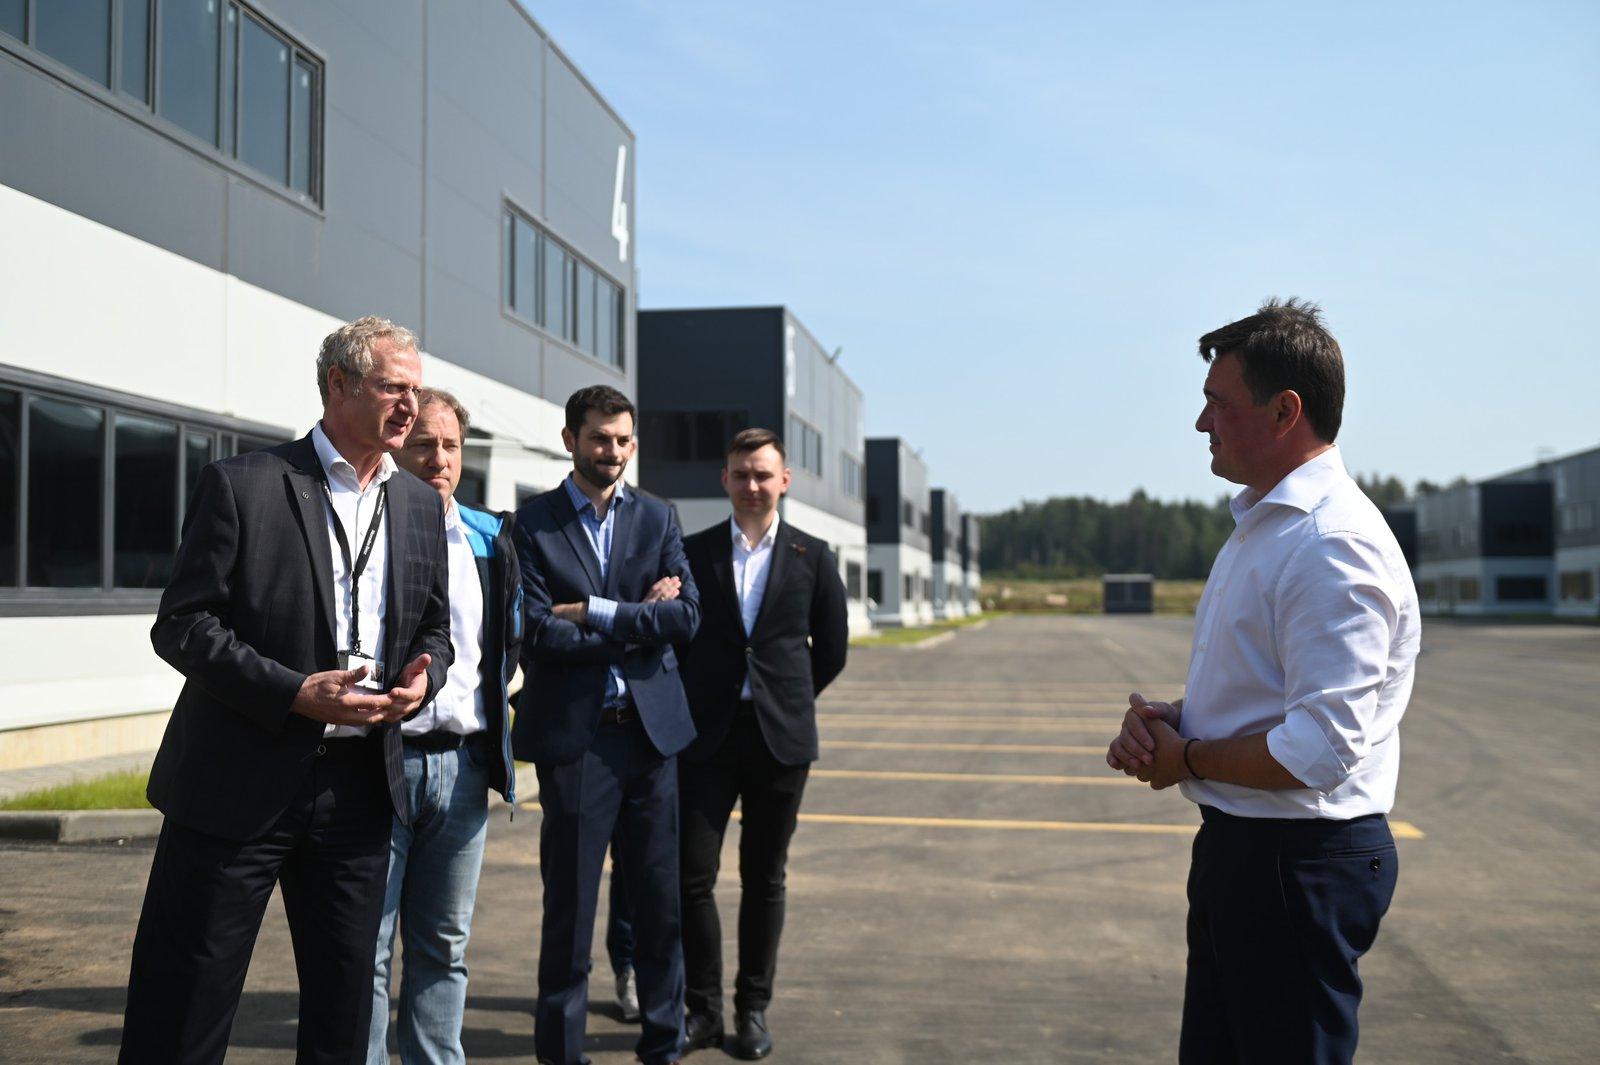 Андрей Воробьев губернатор московской области - Промышленный коворкинг и новая развязка. Зачем они Солнечногорску?